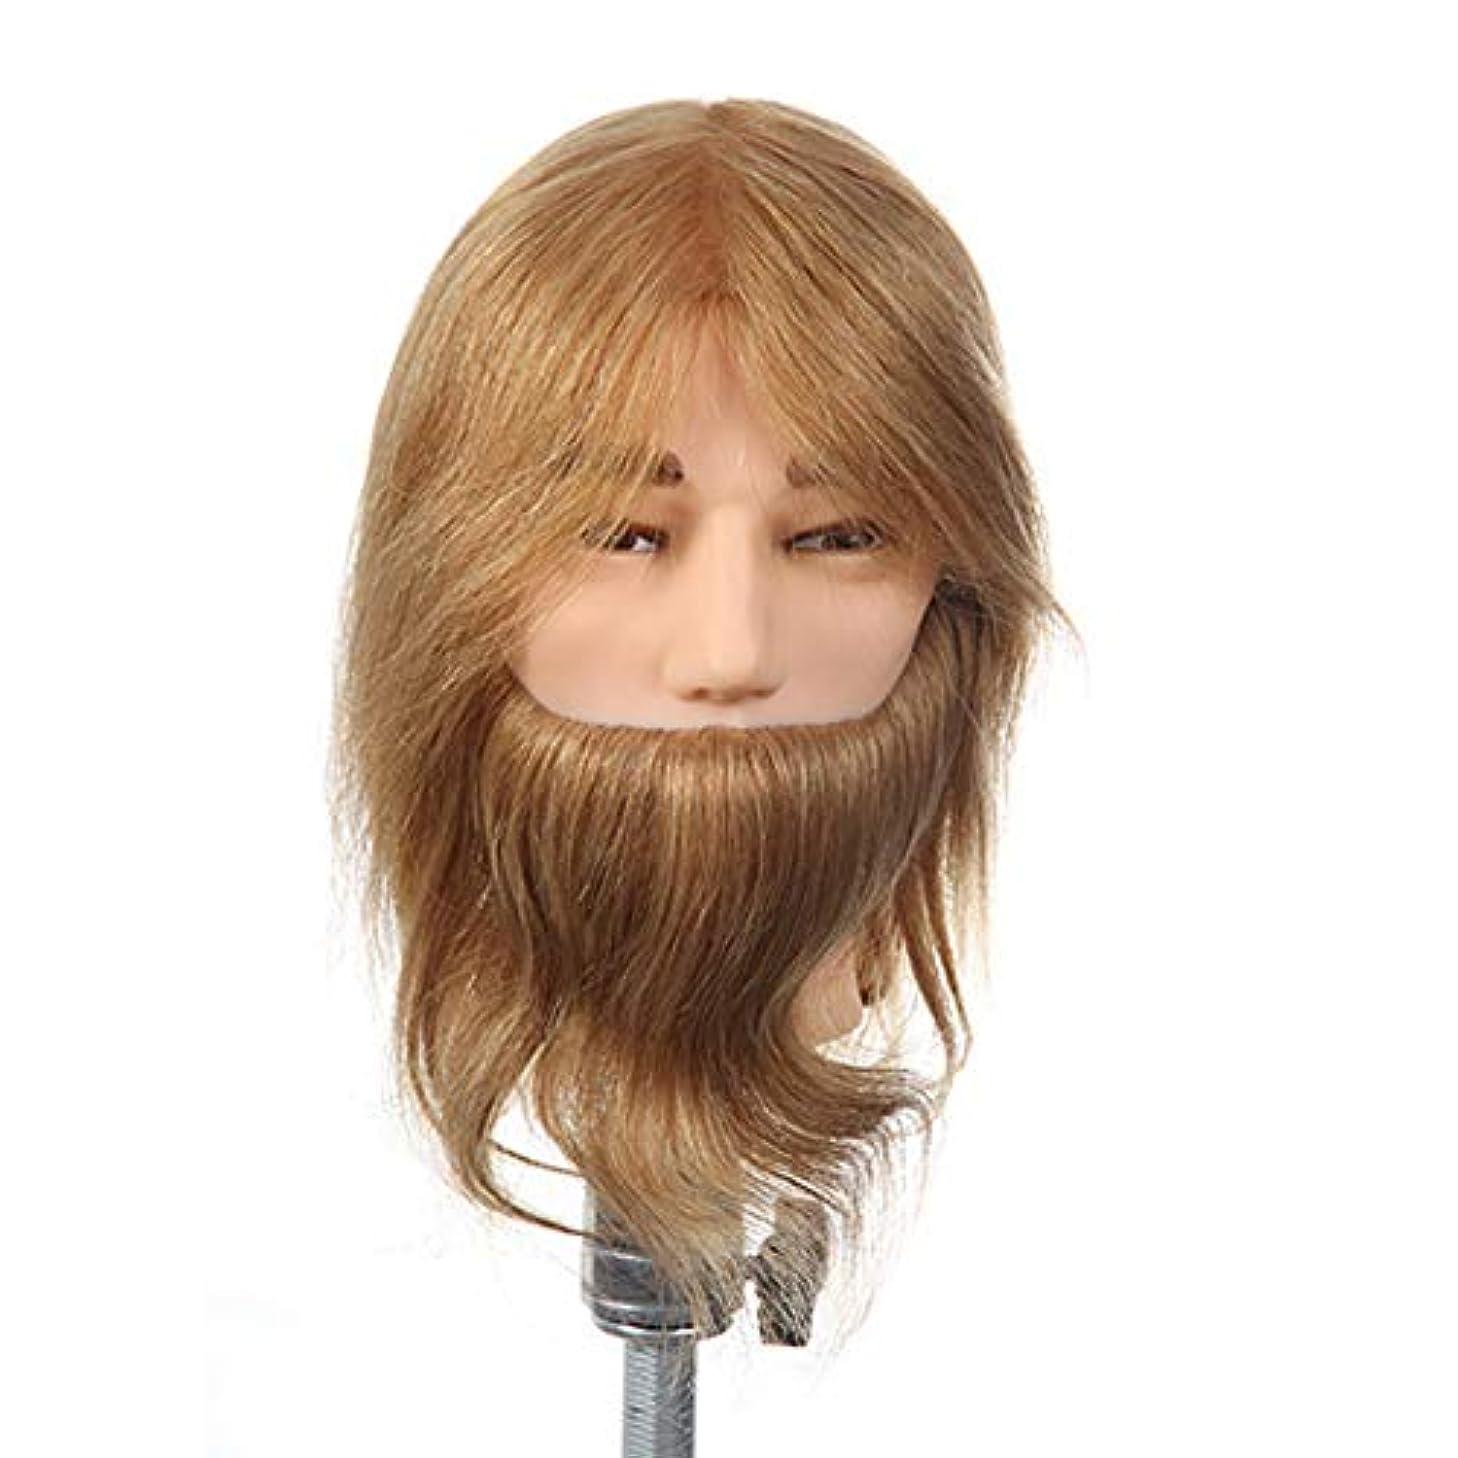 浴宇宙船征服するサロン学習パーマ髪染めマネキン男スタイリングかつらティーチングヘッドリアル人間の髪ダミーヘッド付きひげロングヘアゴールド